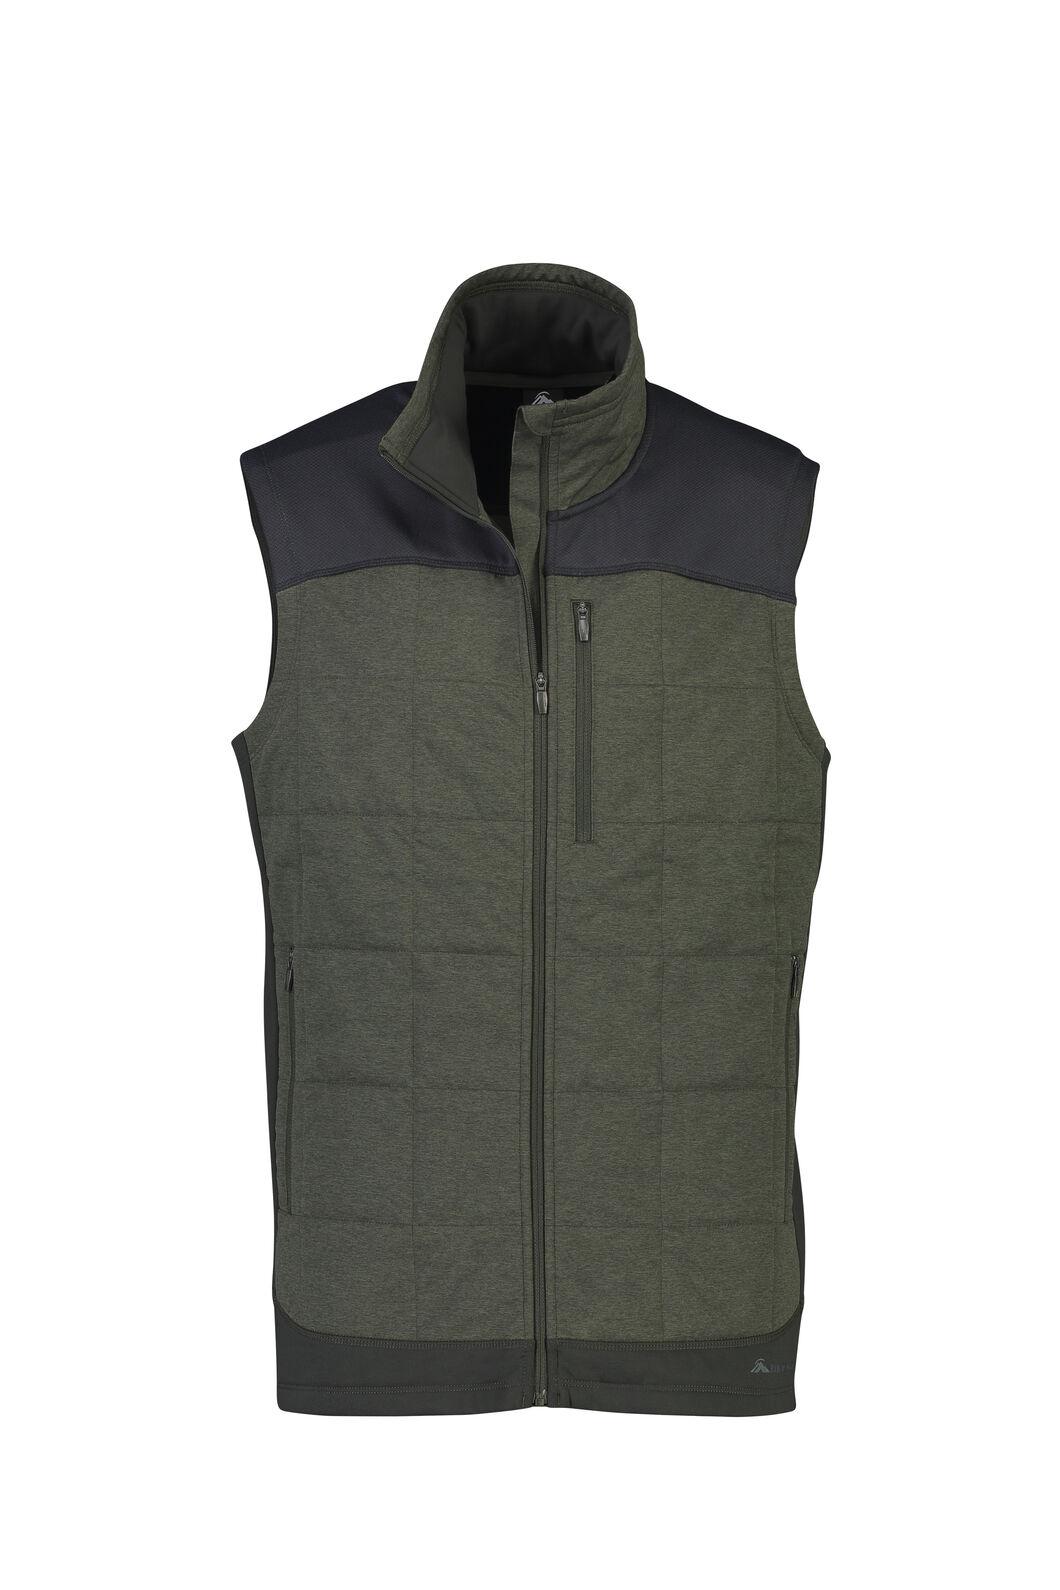 Macpac Accelerate PrimaLoft® Vest - Men's, Peat, hi-res